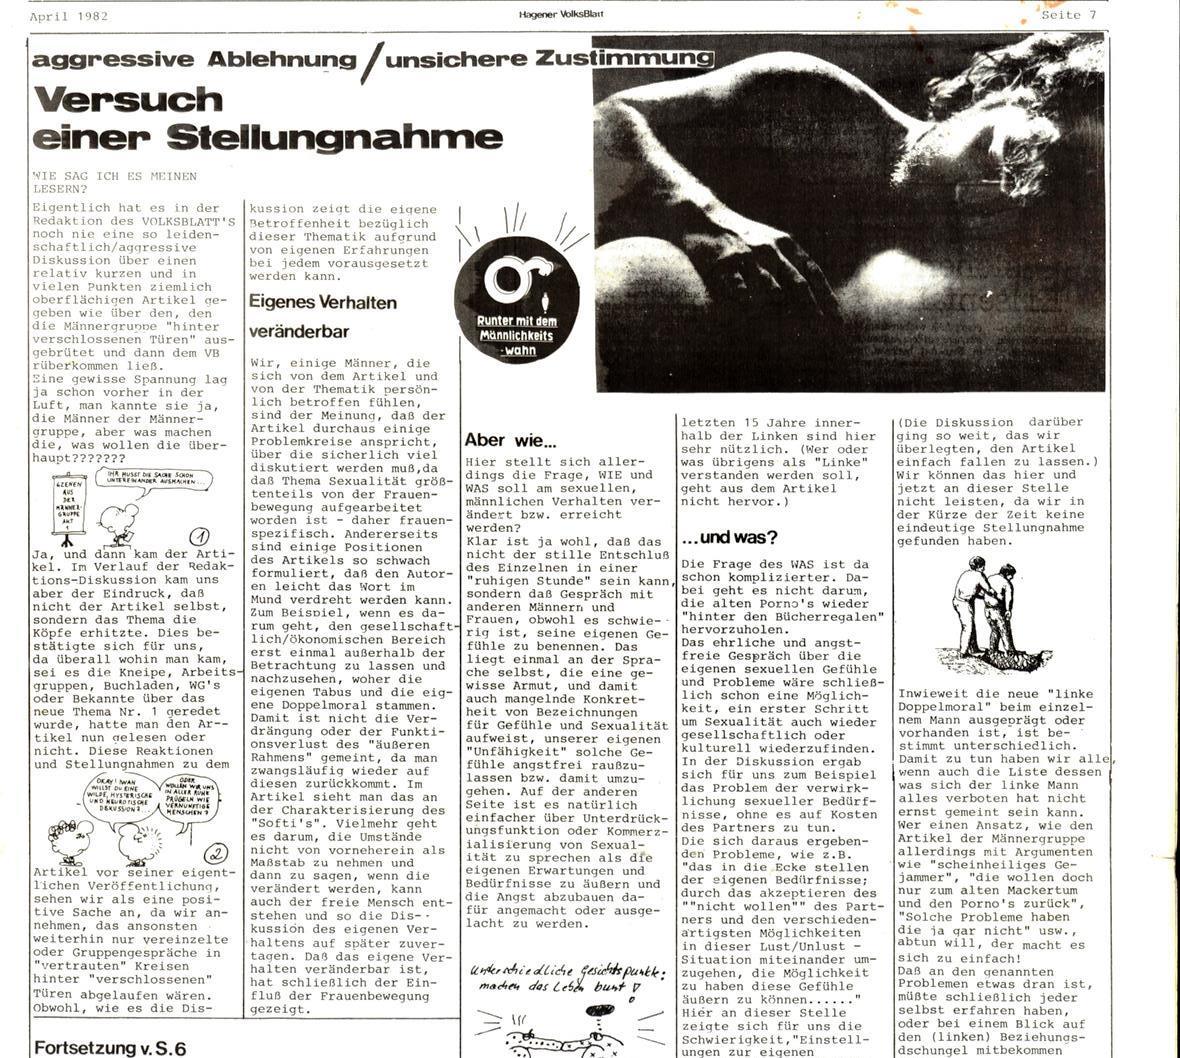 Hagen_Volksblatt_19820400_12